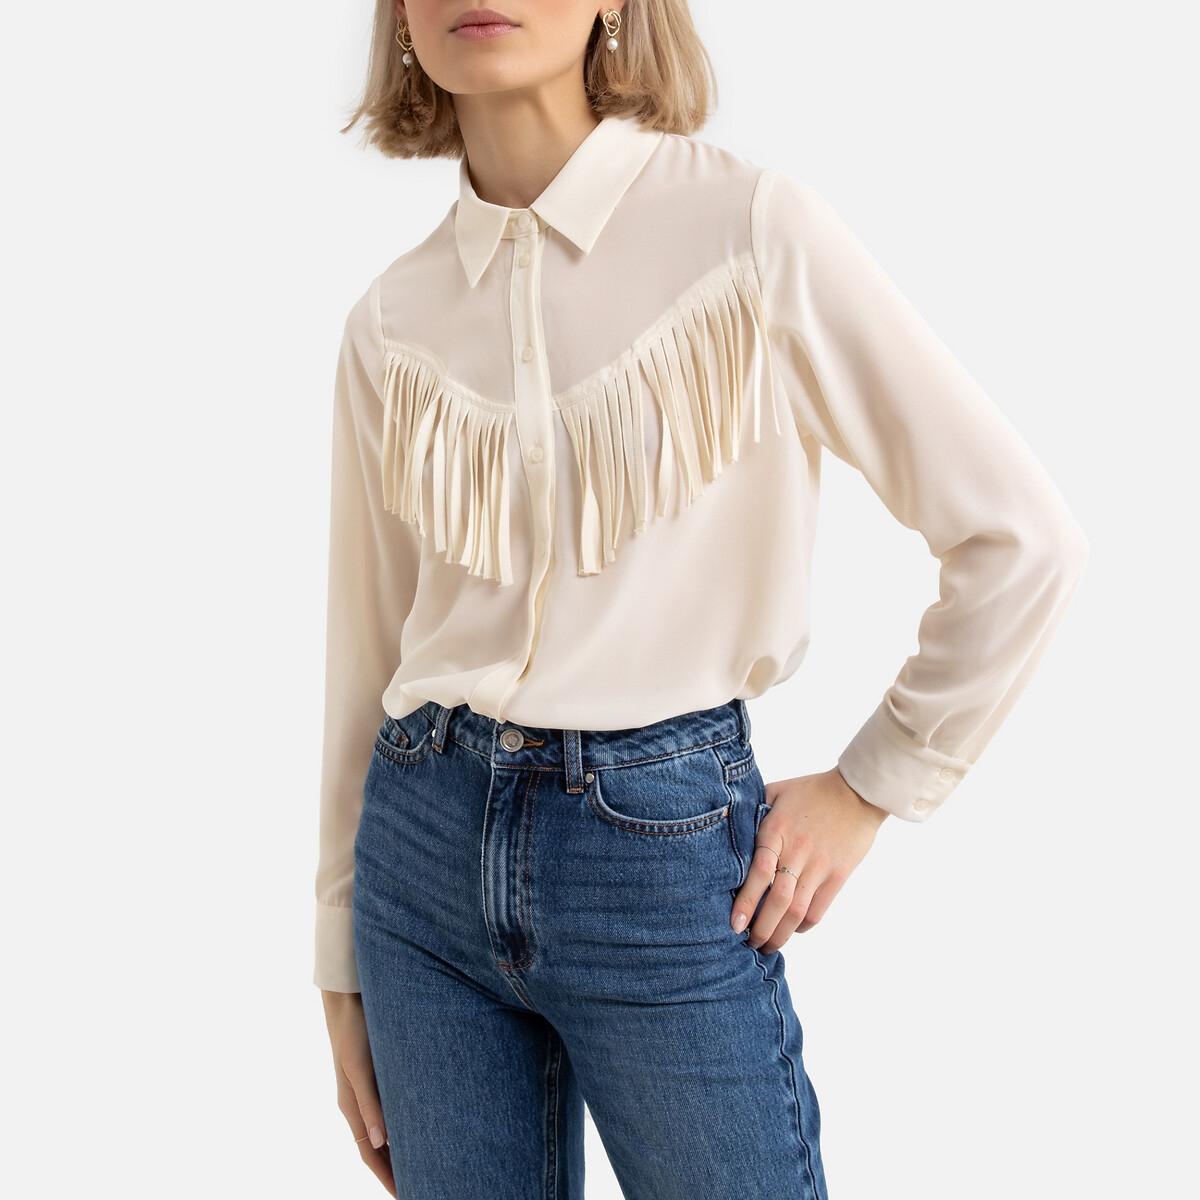 Блузка LaRedoute Прямого покроя с бахромой L бежевый блузка laredoute прямого покроя с бахромой l бежевый